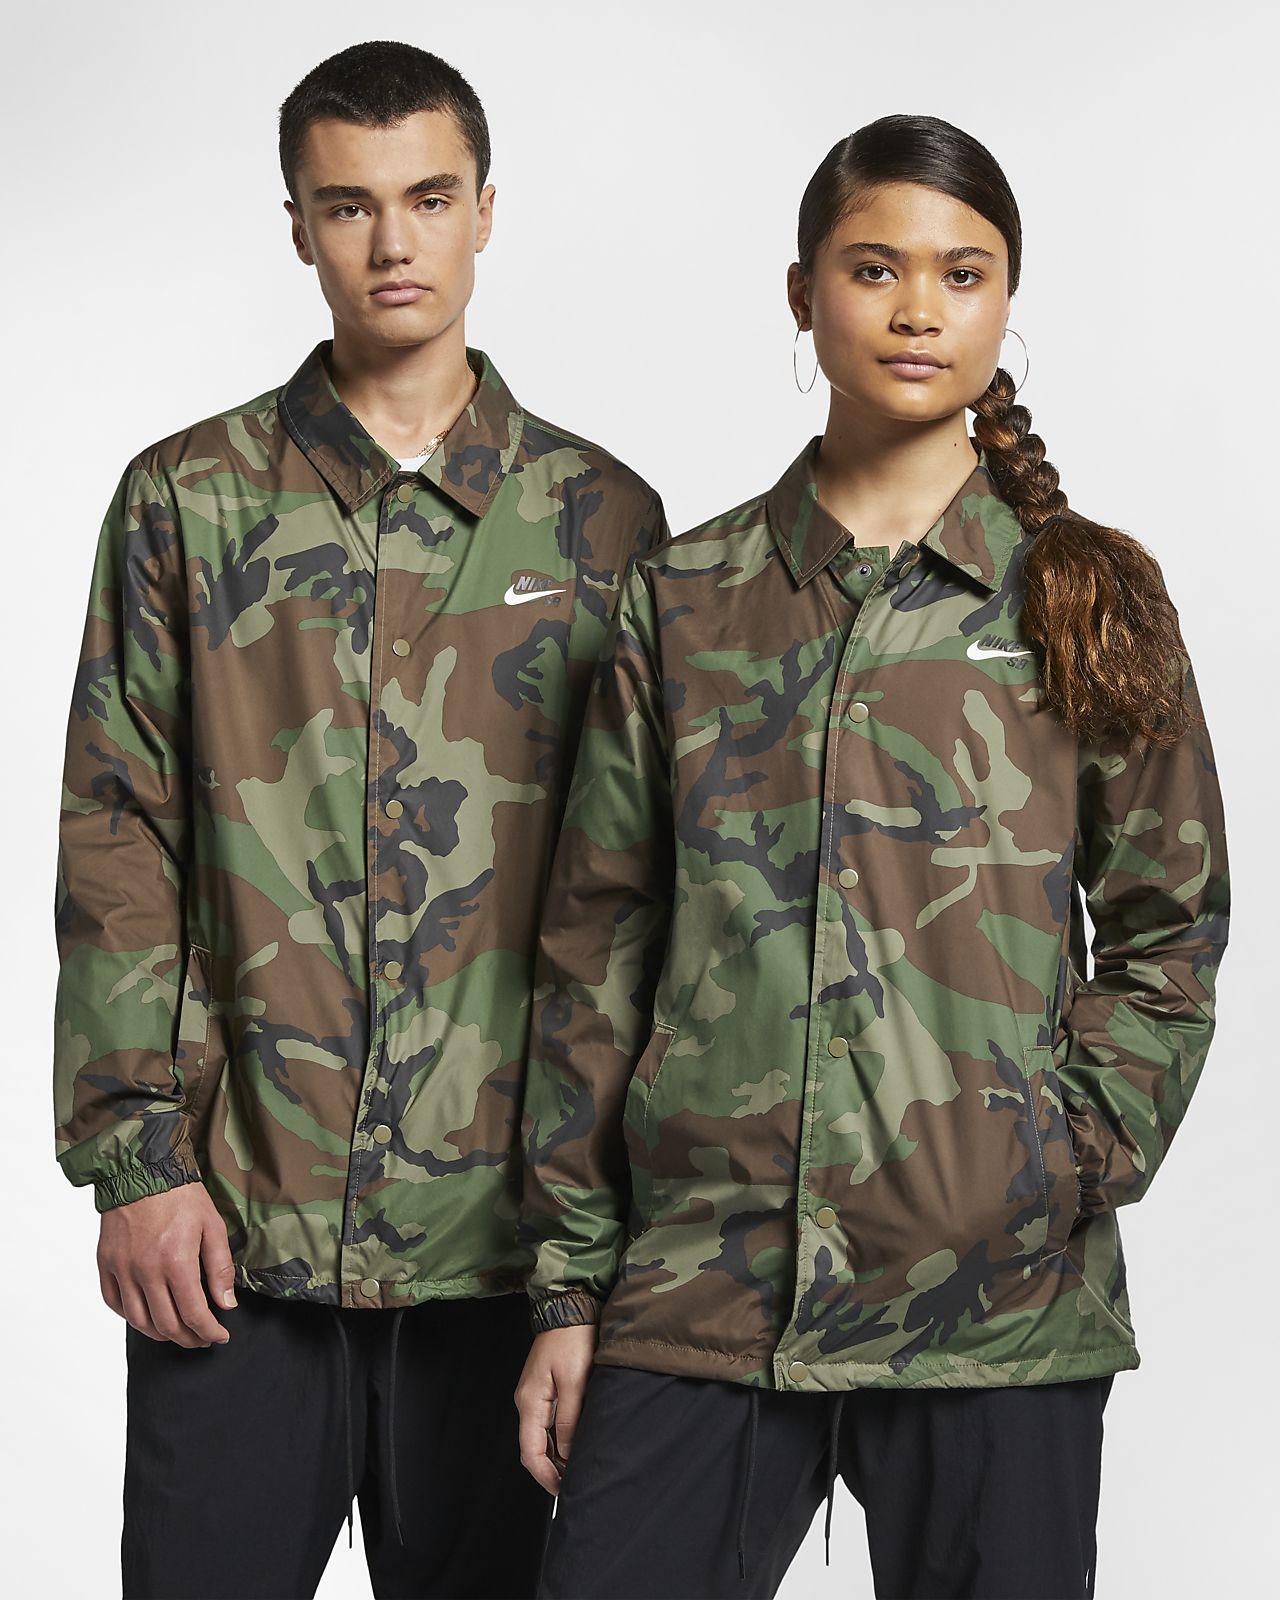 Skatejacka Nike SB med kamouflagemönster